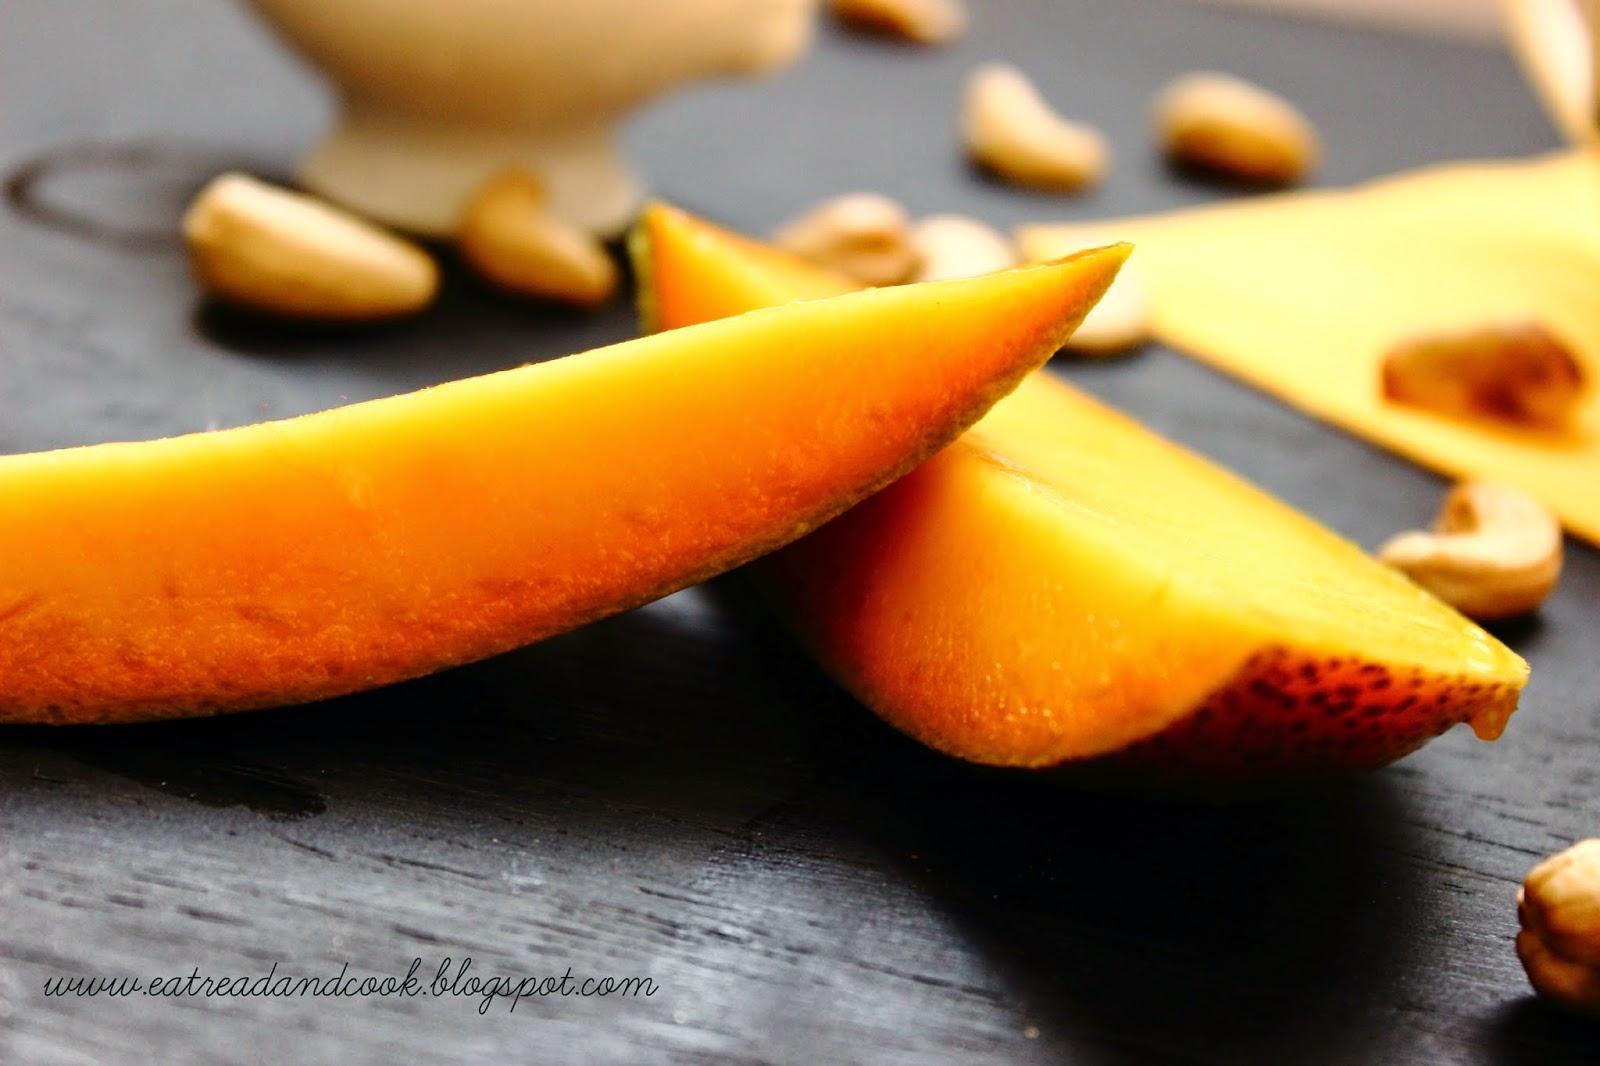 Mango Shrikhand / Amrakhand | Eat Read & Cook